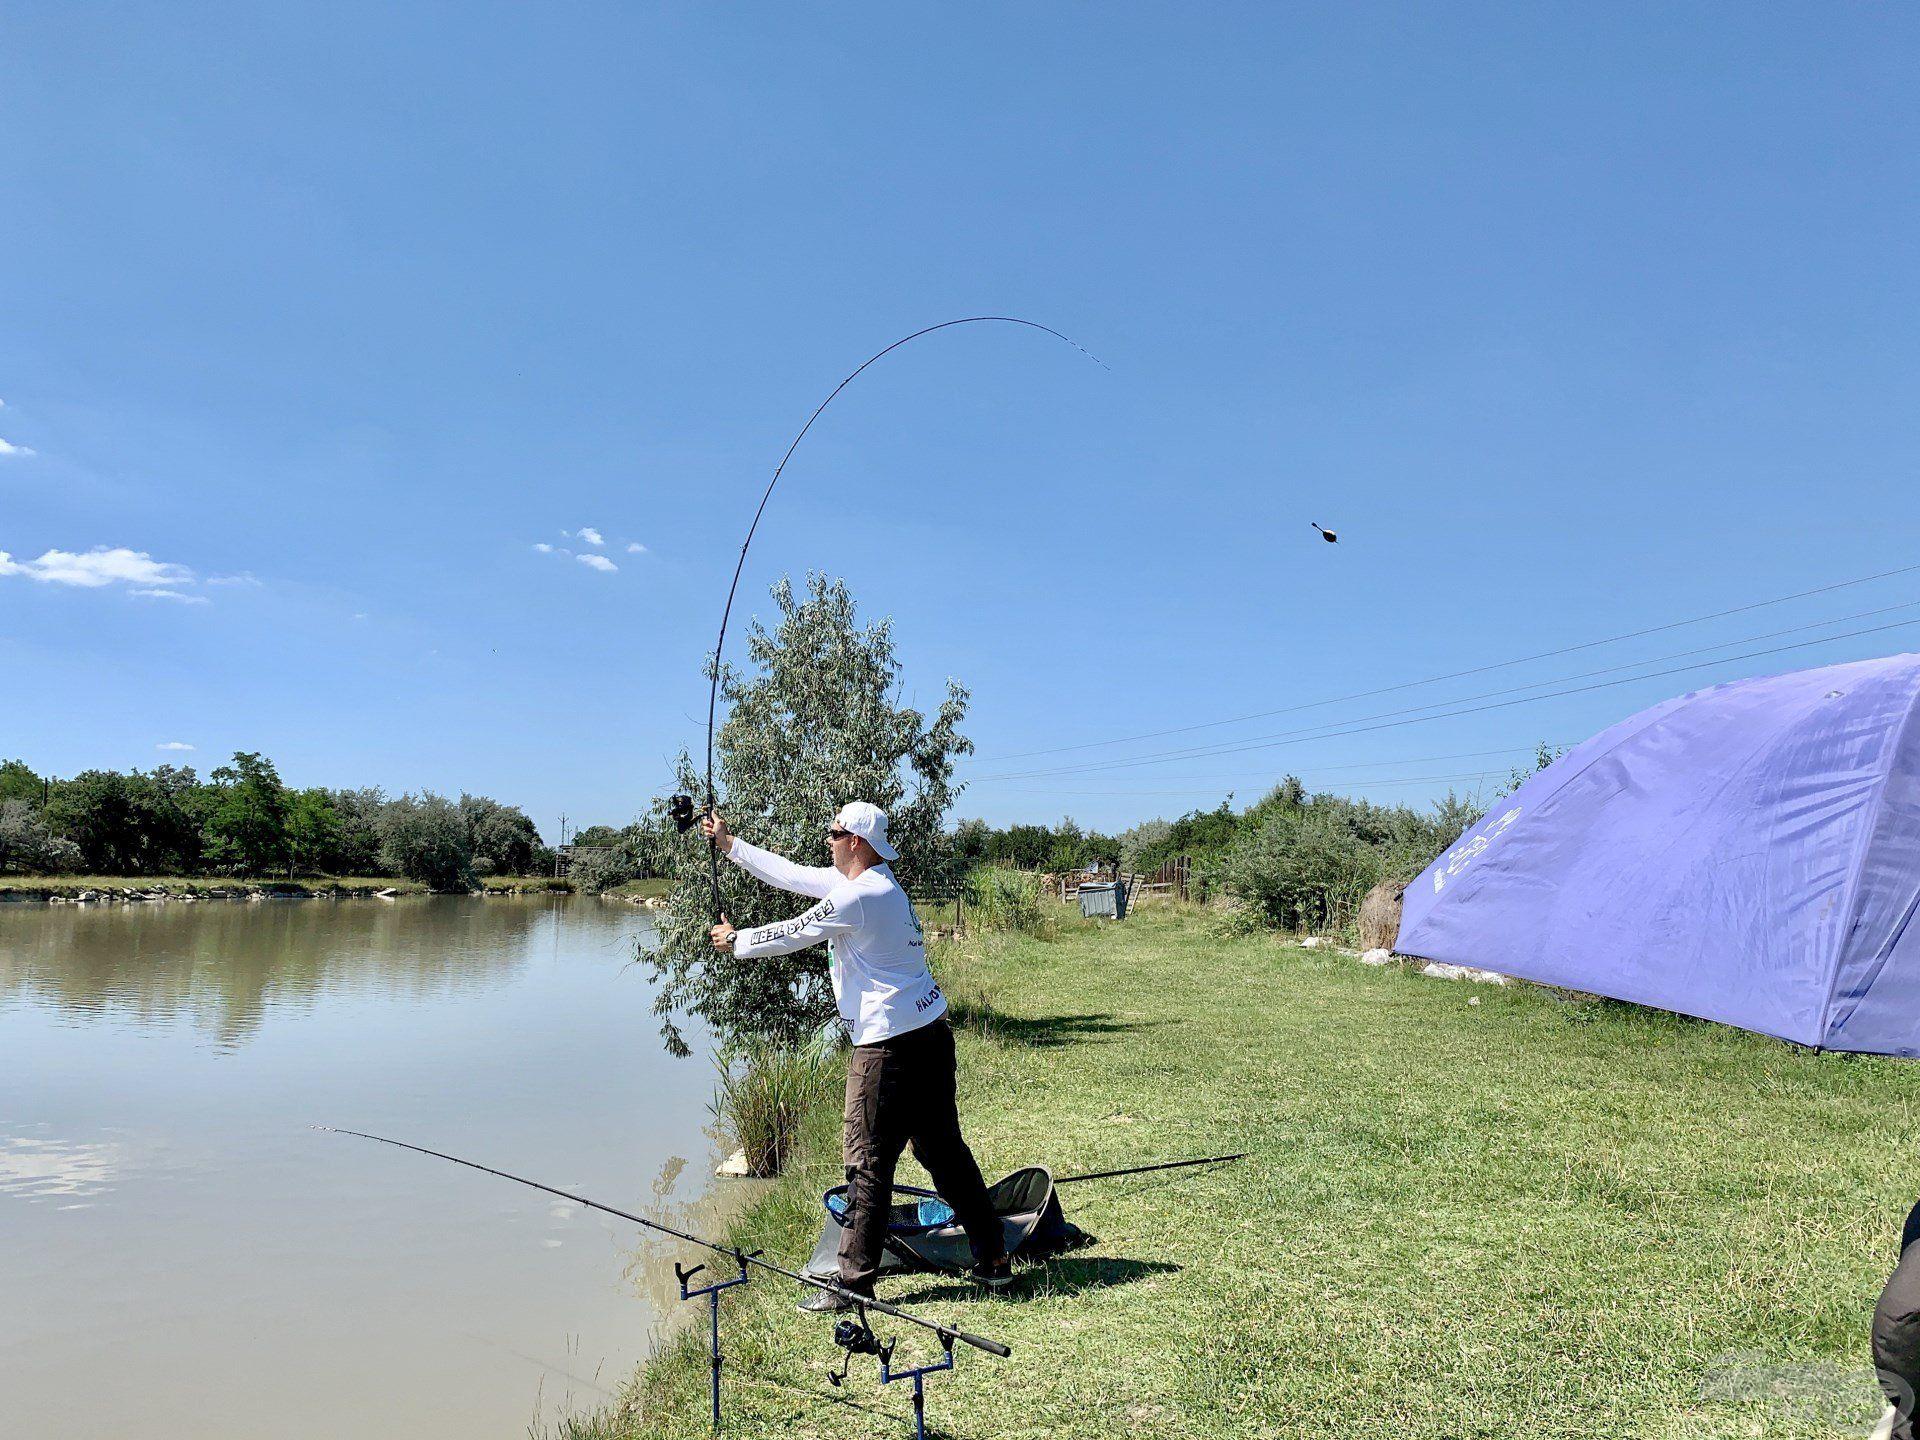 Pontosan a túlpart elé pár méterre horgásztam, ez itt szinte mindig működik